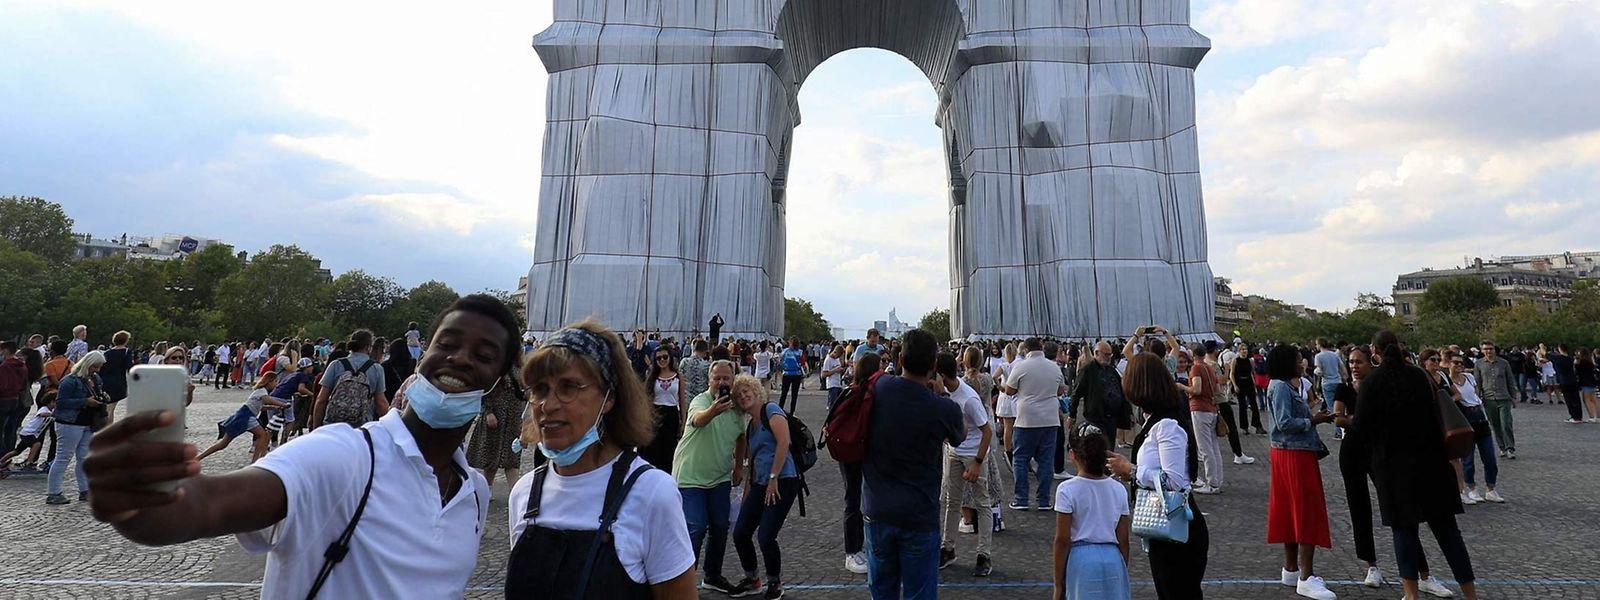 Spaziergänger machen am Samstag Selfies vor dem verhüllten Triumphbogen in Paris.